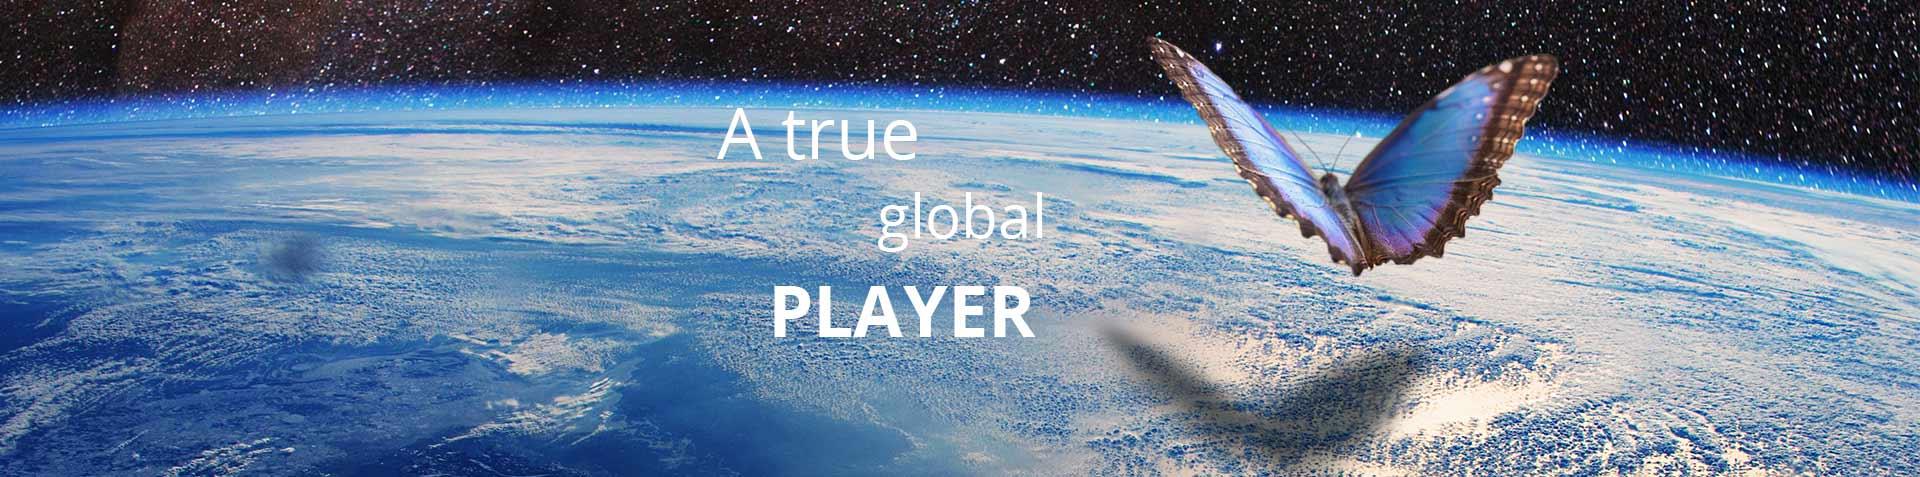 Global Morpho Pharma - A true global player